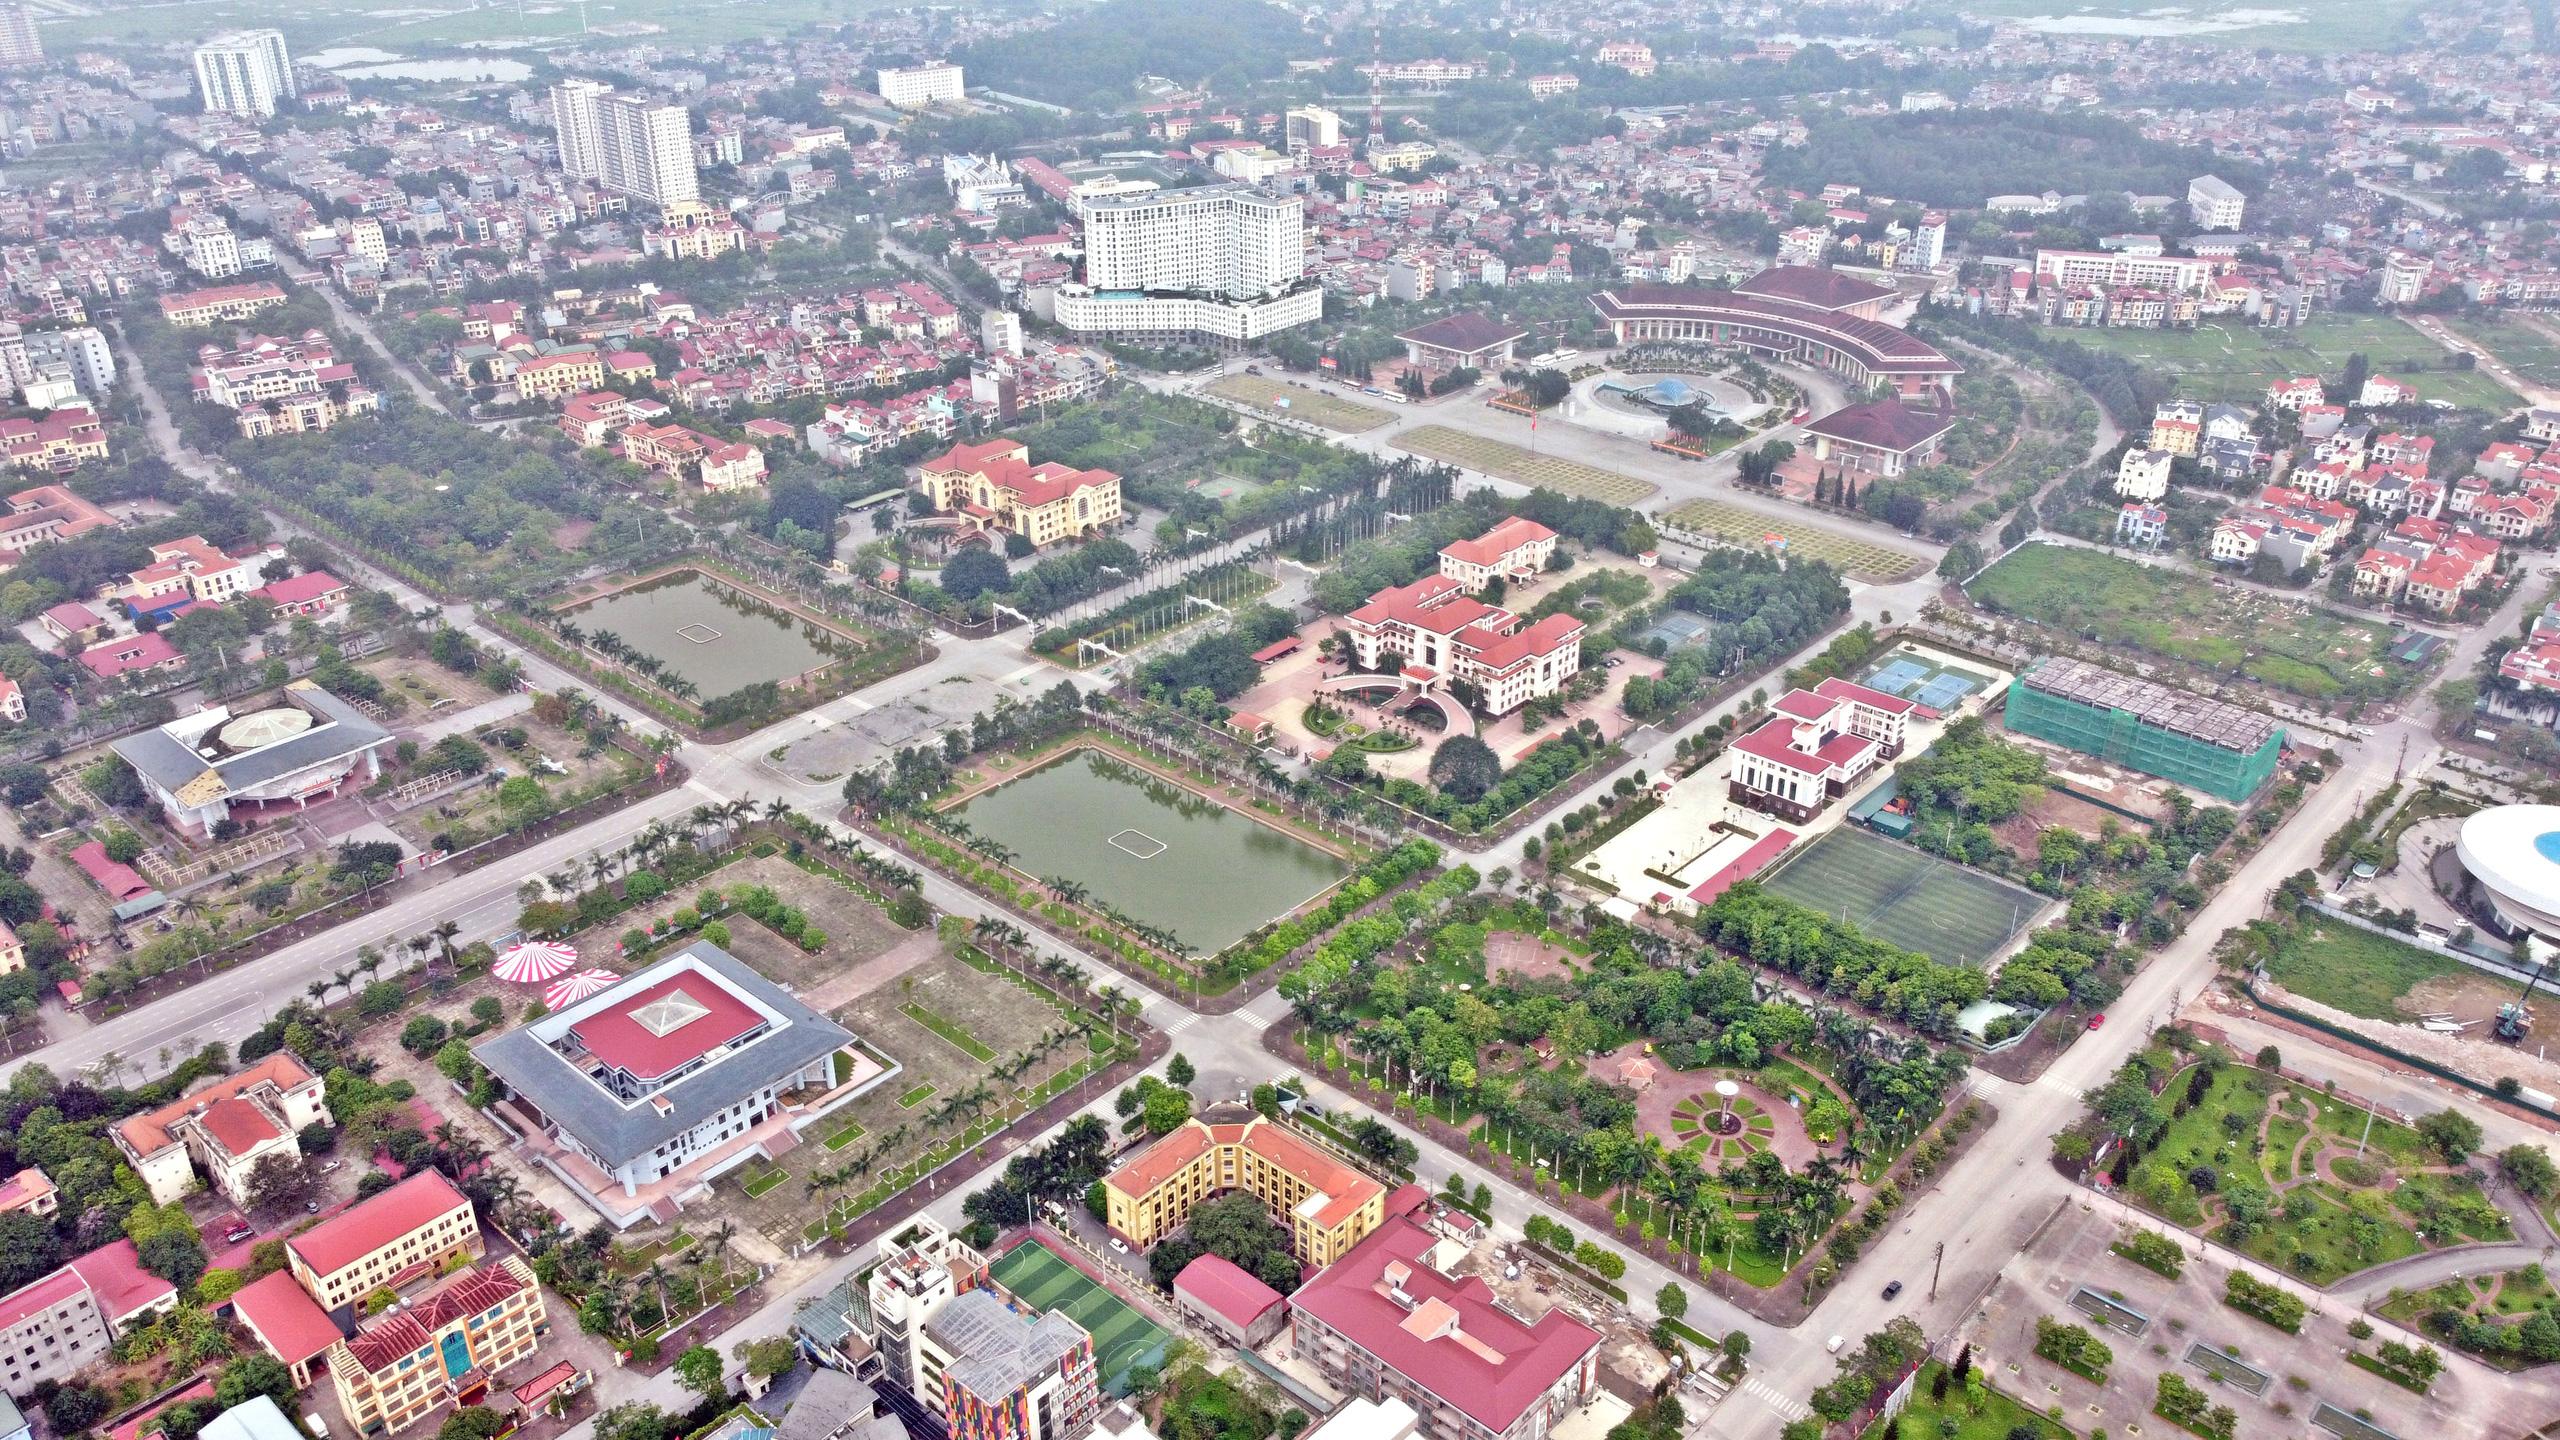 Toàn cảnh Bắc Ninh trước khi lên thành phố trực thuộc trung ương - Ảnh 1.